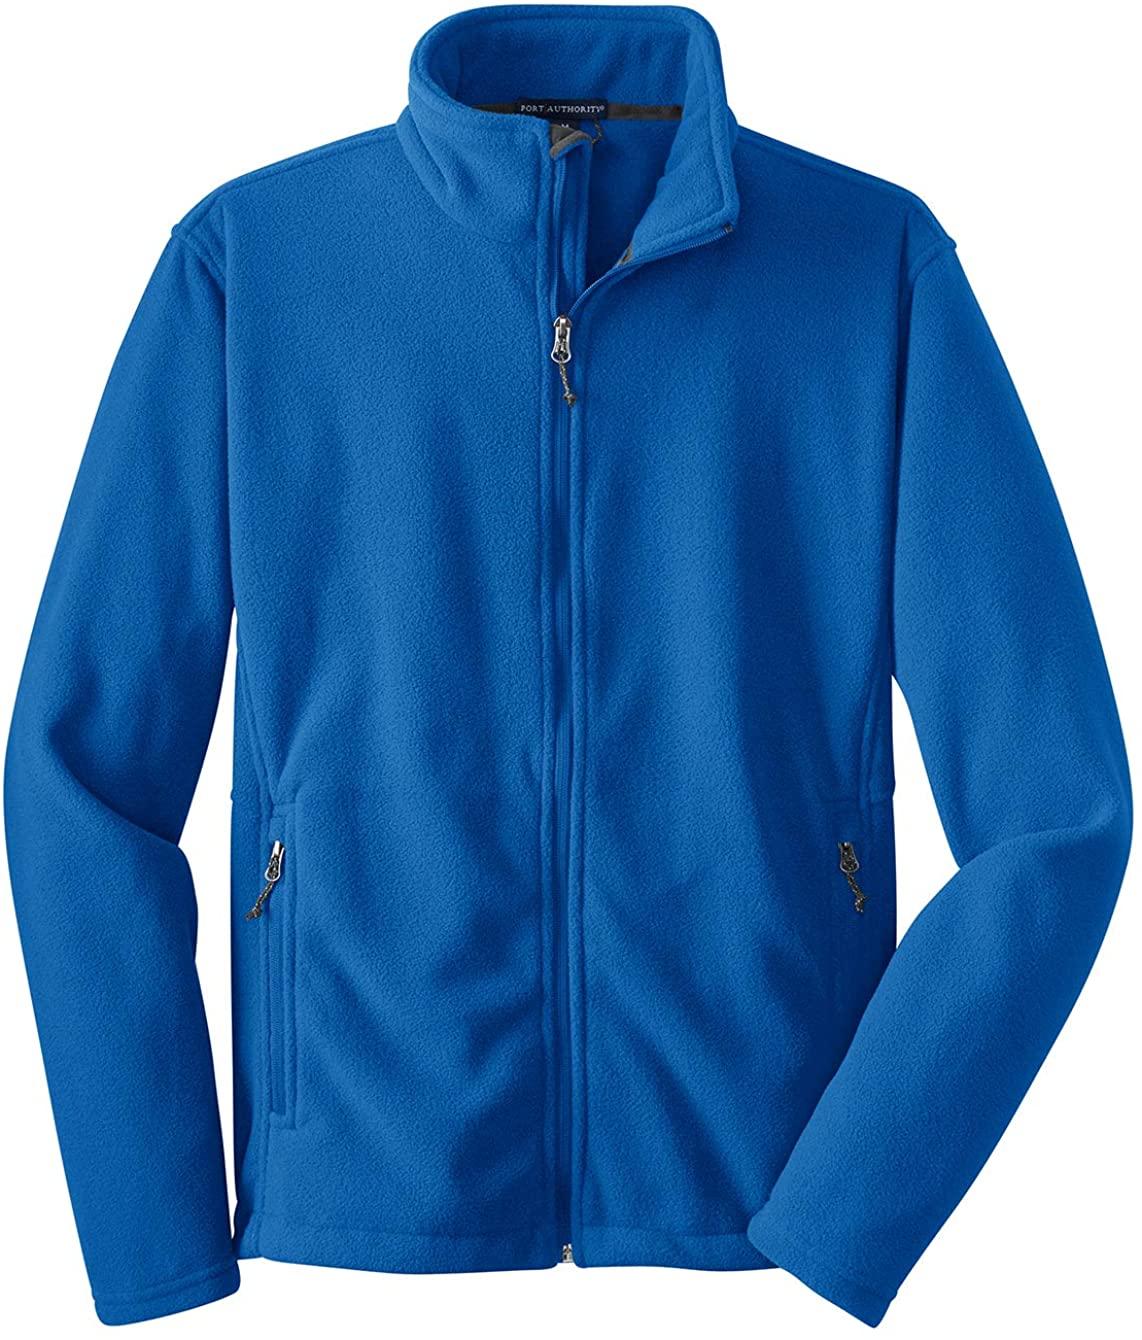 INK STITCH Unisex Youth Value Boys and Girls Fleece Jacket